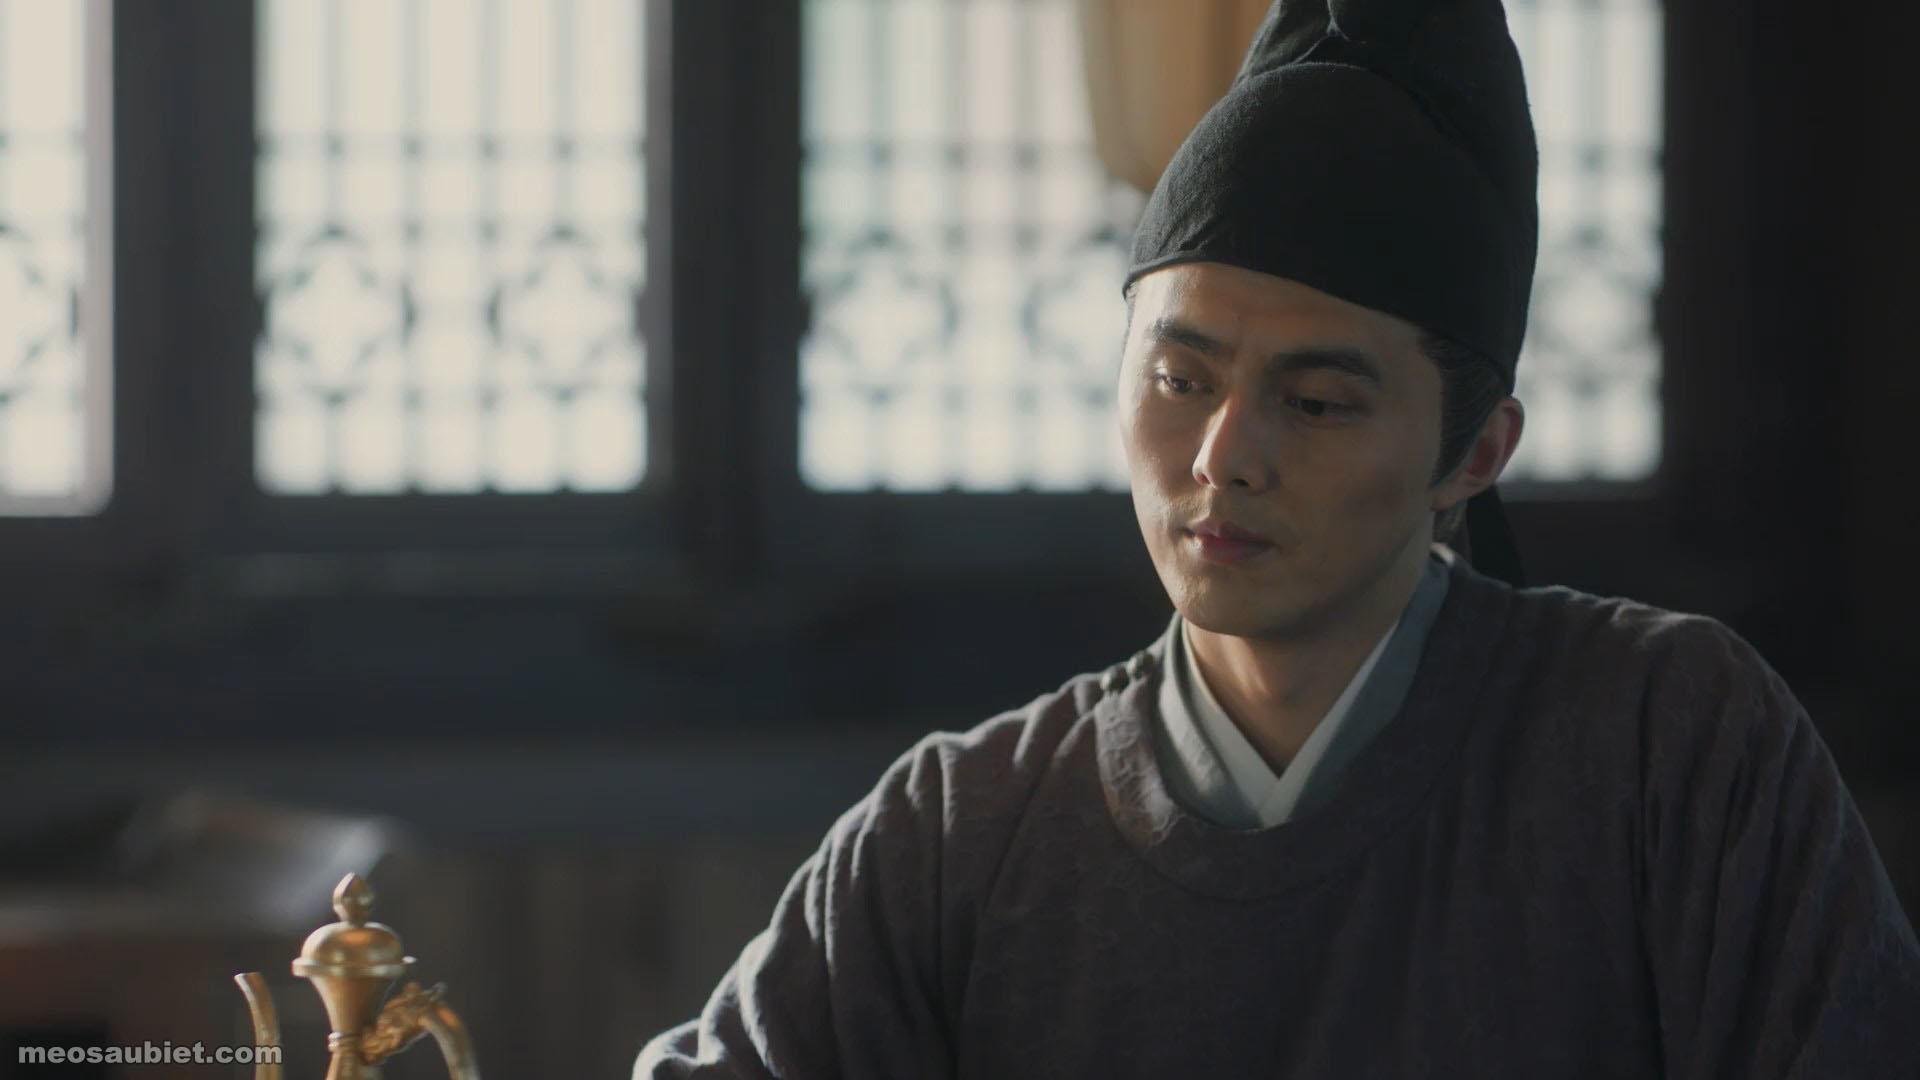 Thanh Bình Nhạc 2020 Diệp Tổ Tân trong vai Trương Mậu Tắc